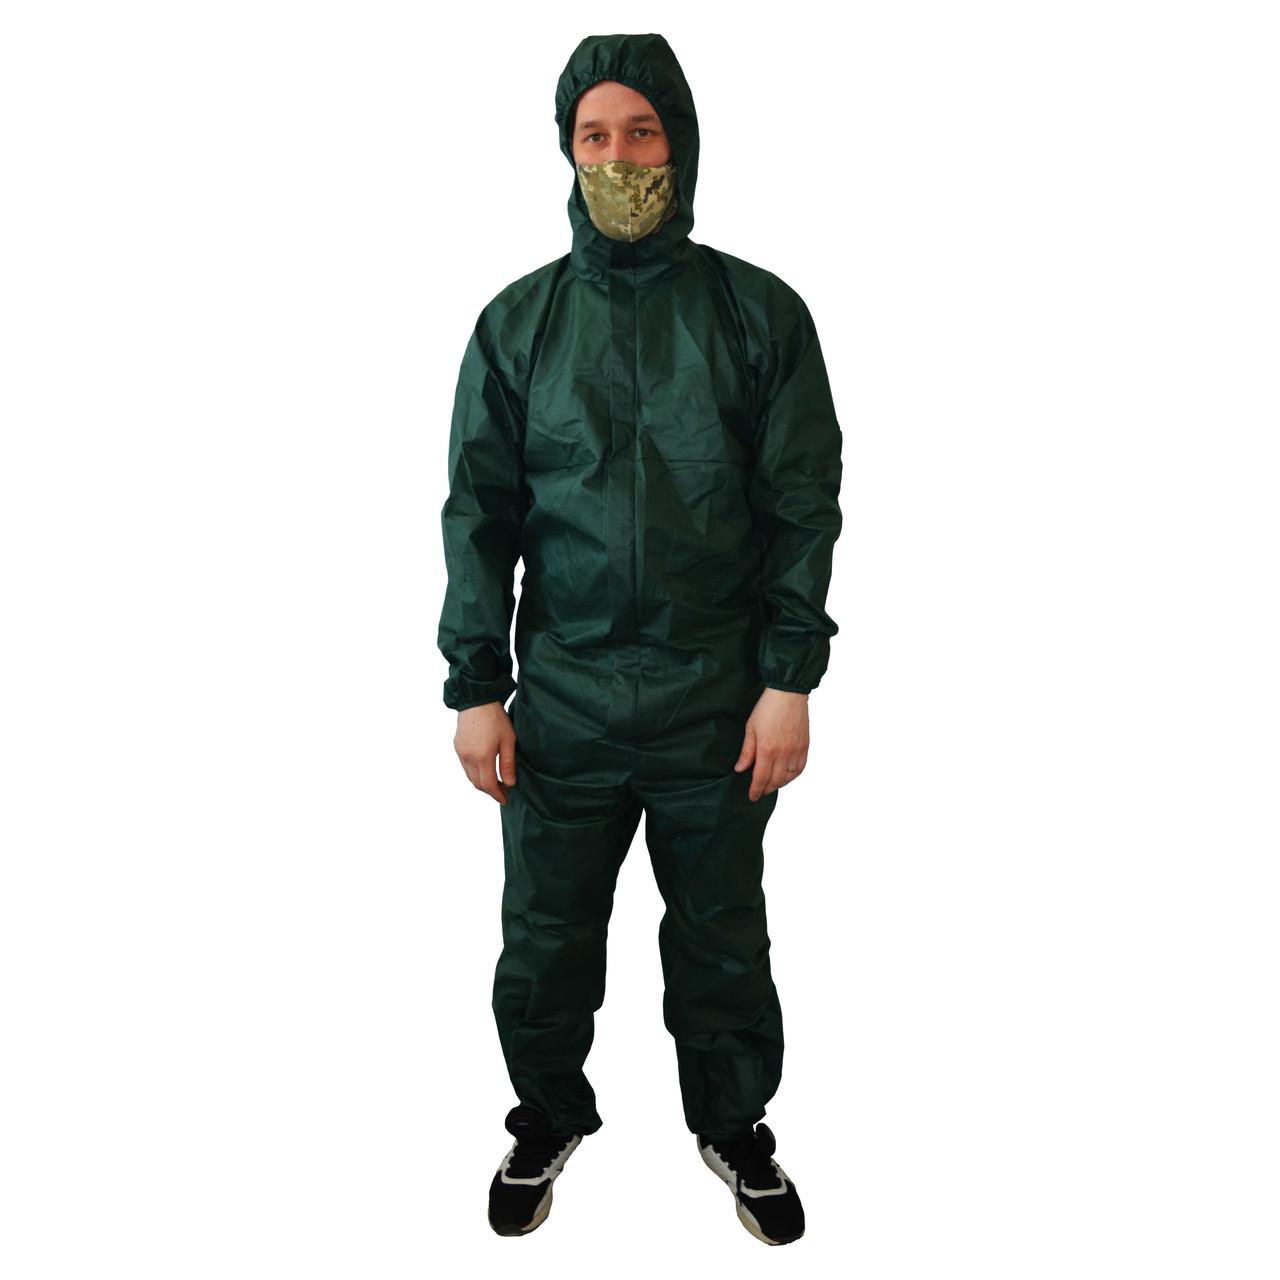 Комбинезон защитный зеленый, спанбонд 60г/м2, с капюшоном, на молнии